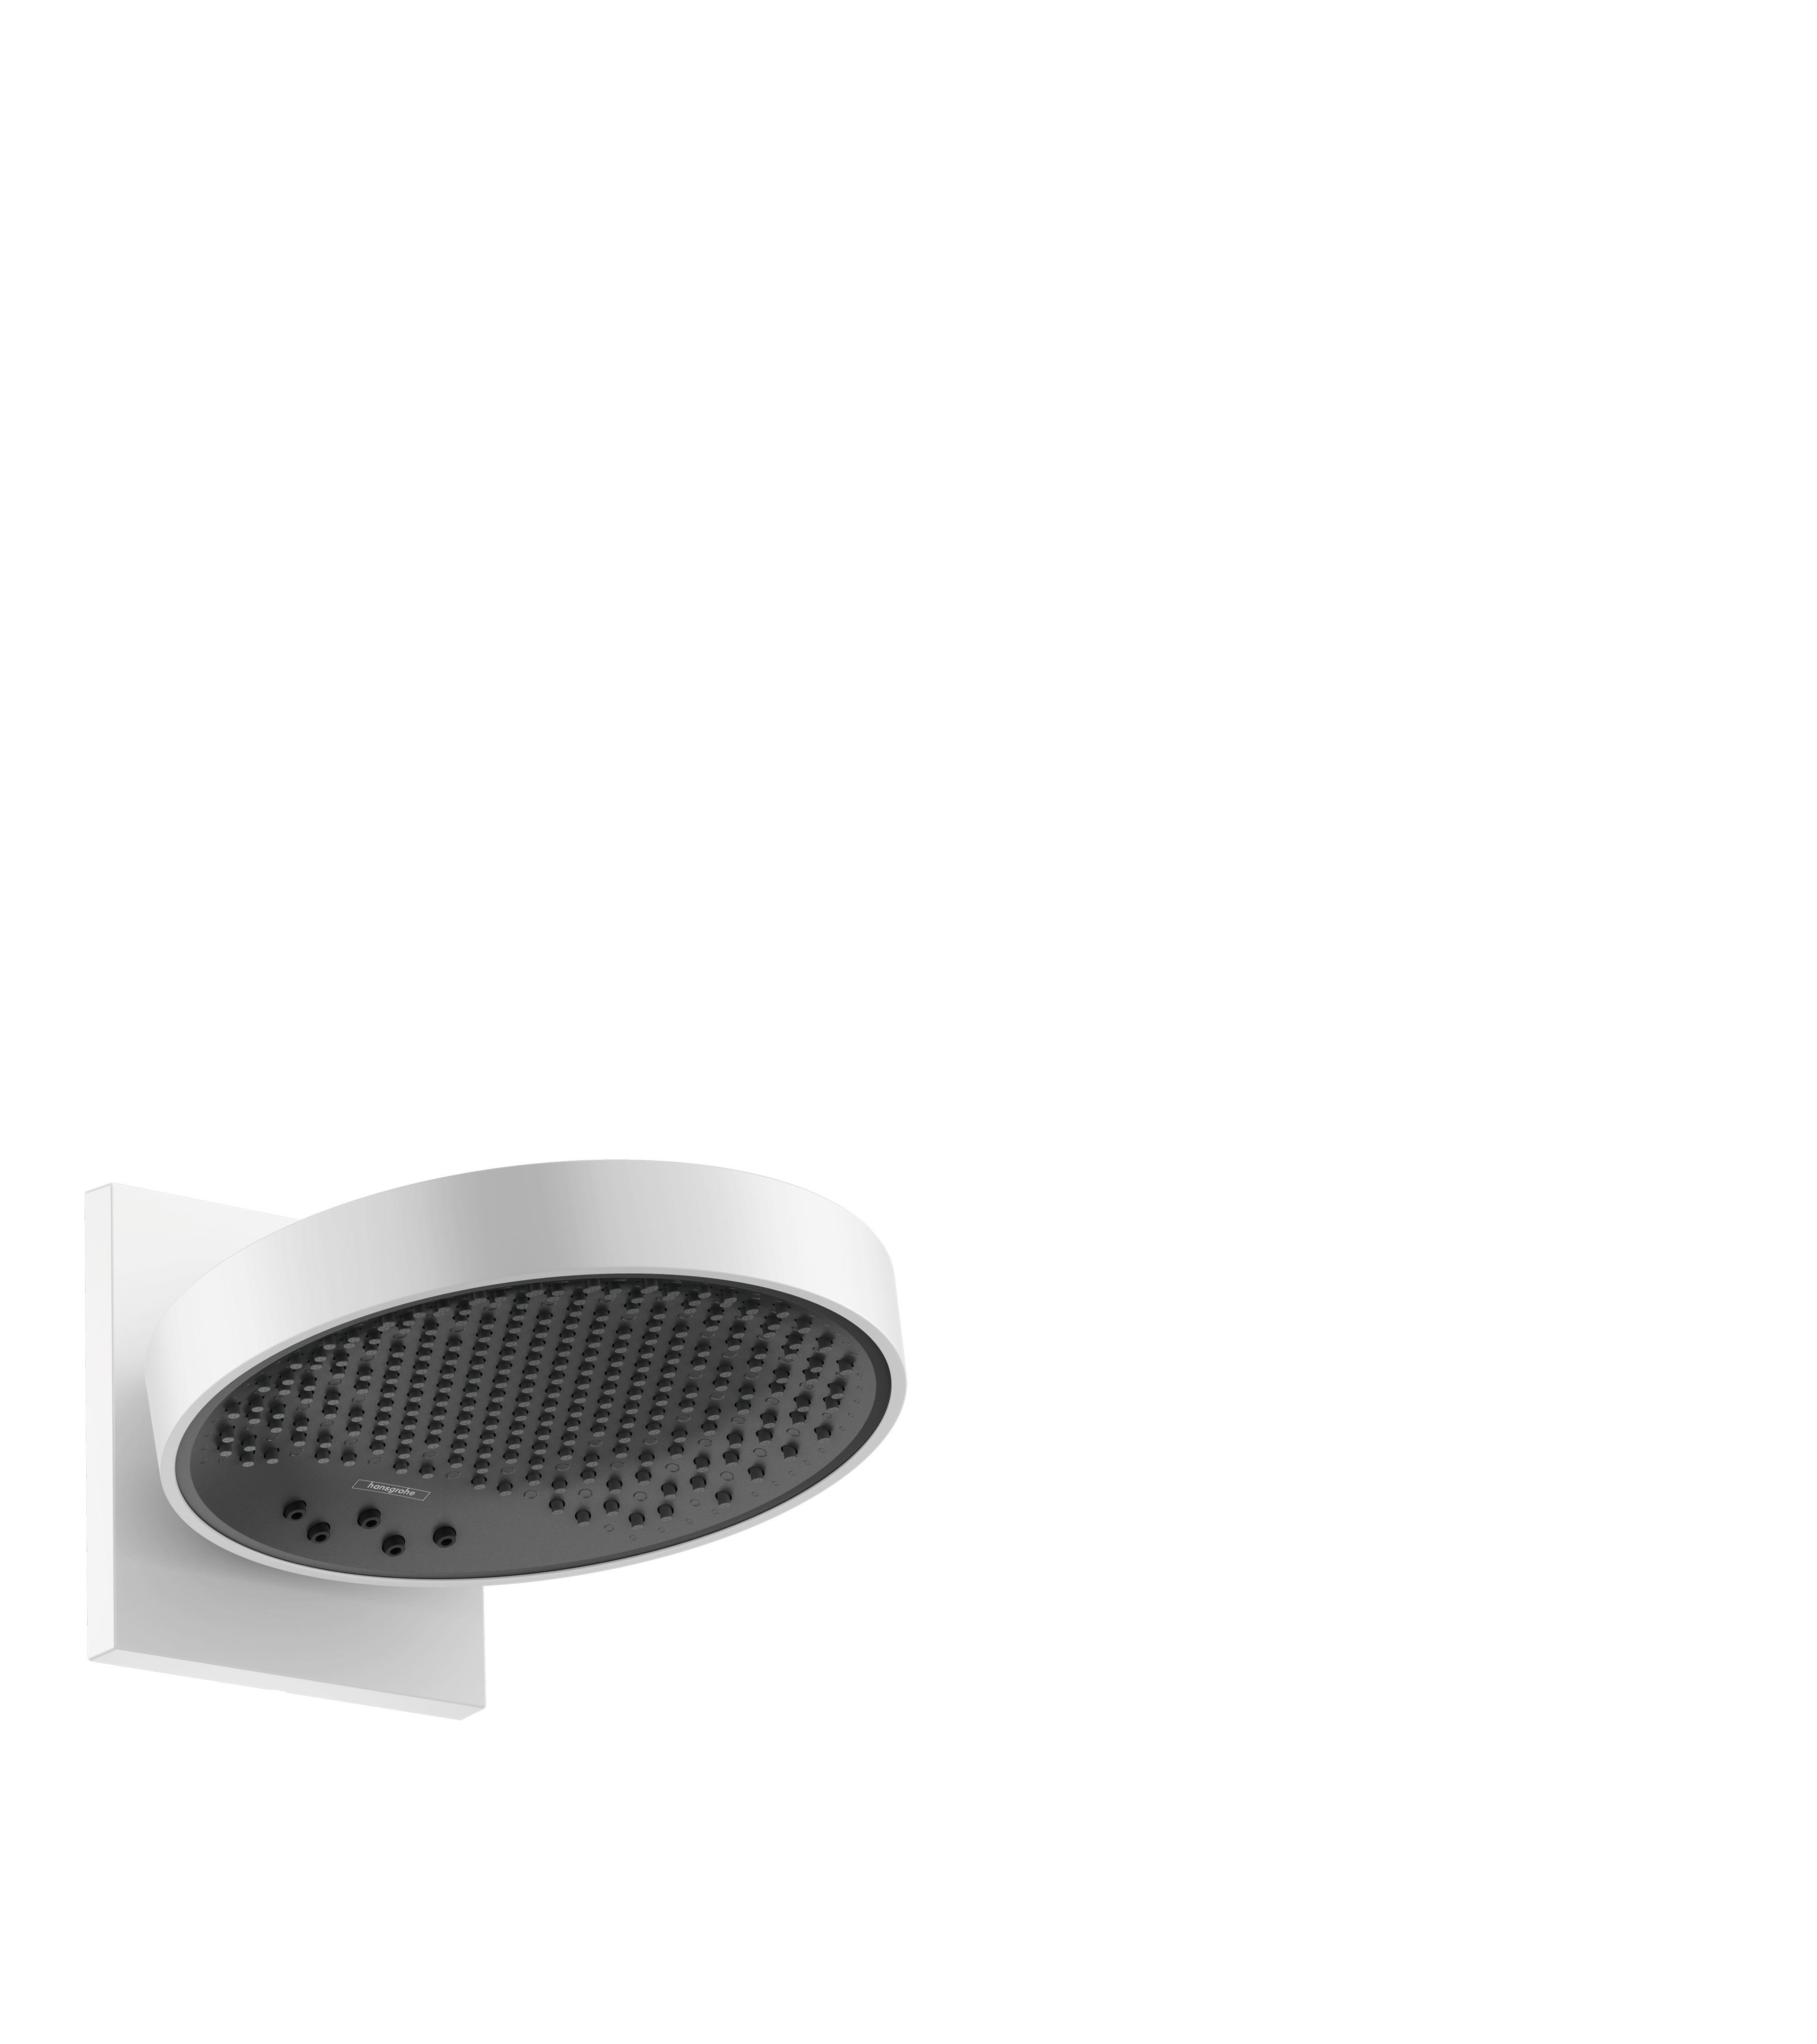 Верхний душ hansgrohe Rainfinity 250 3jet EcoSmart 9 л/мин с настенным разъемом 26233700 верхний душ hansgrohe rainfinity 360 1jet с настенным разъемом 26230000